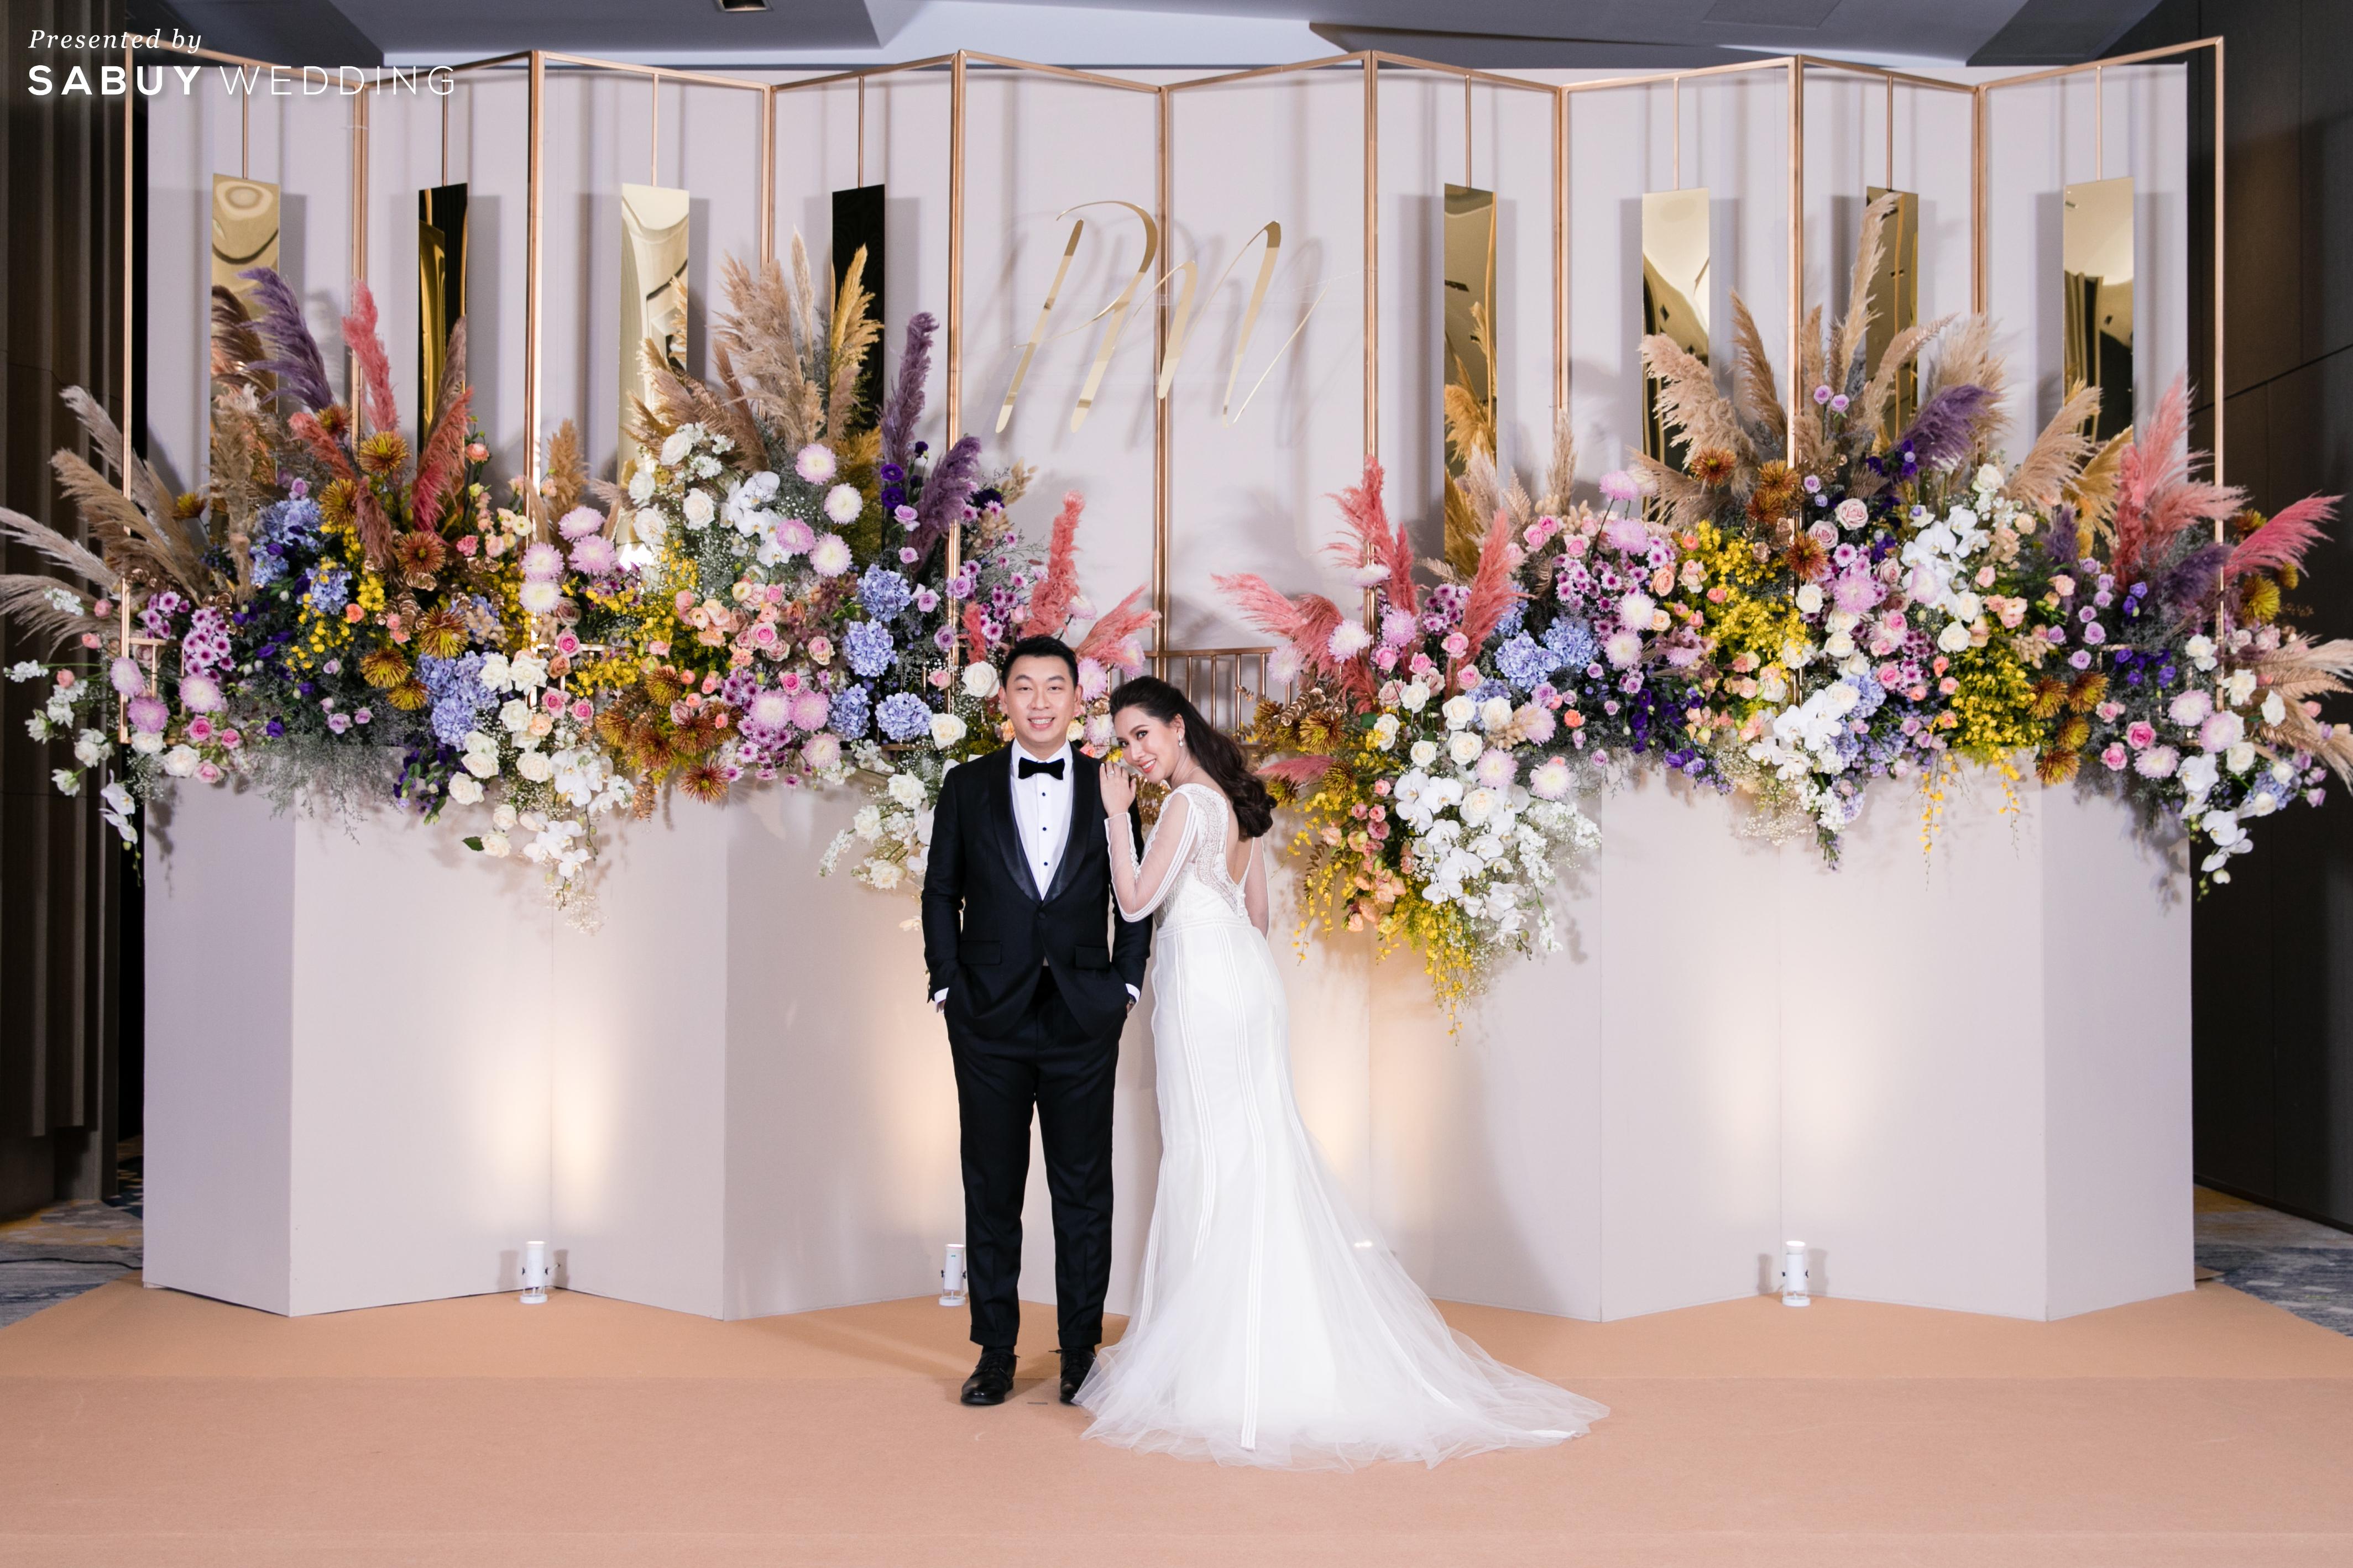 รีวิวงานแต่งสีสันสดใส ในธีมสีสุดฮิตของปี Living Coral @ Hotel Nikko Bangkok